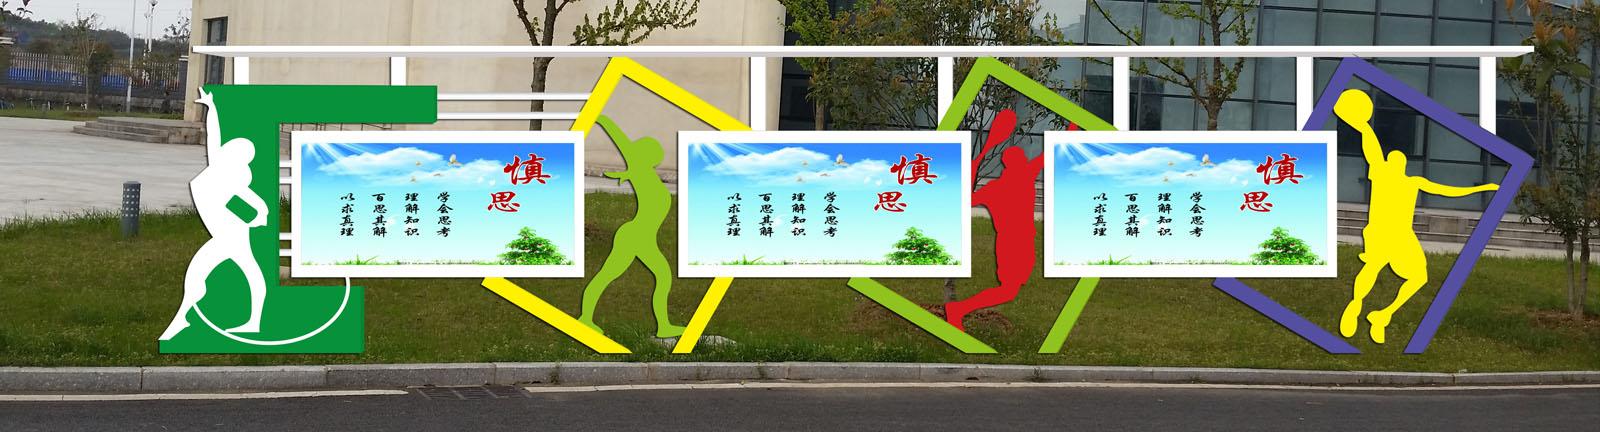 青岛公交候车亭